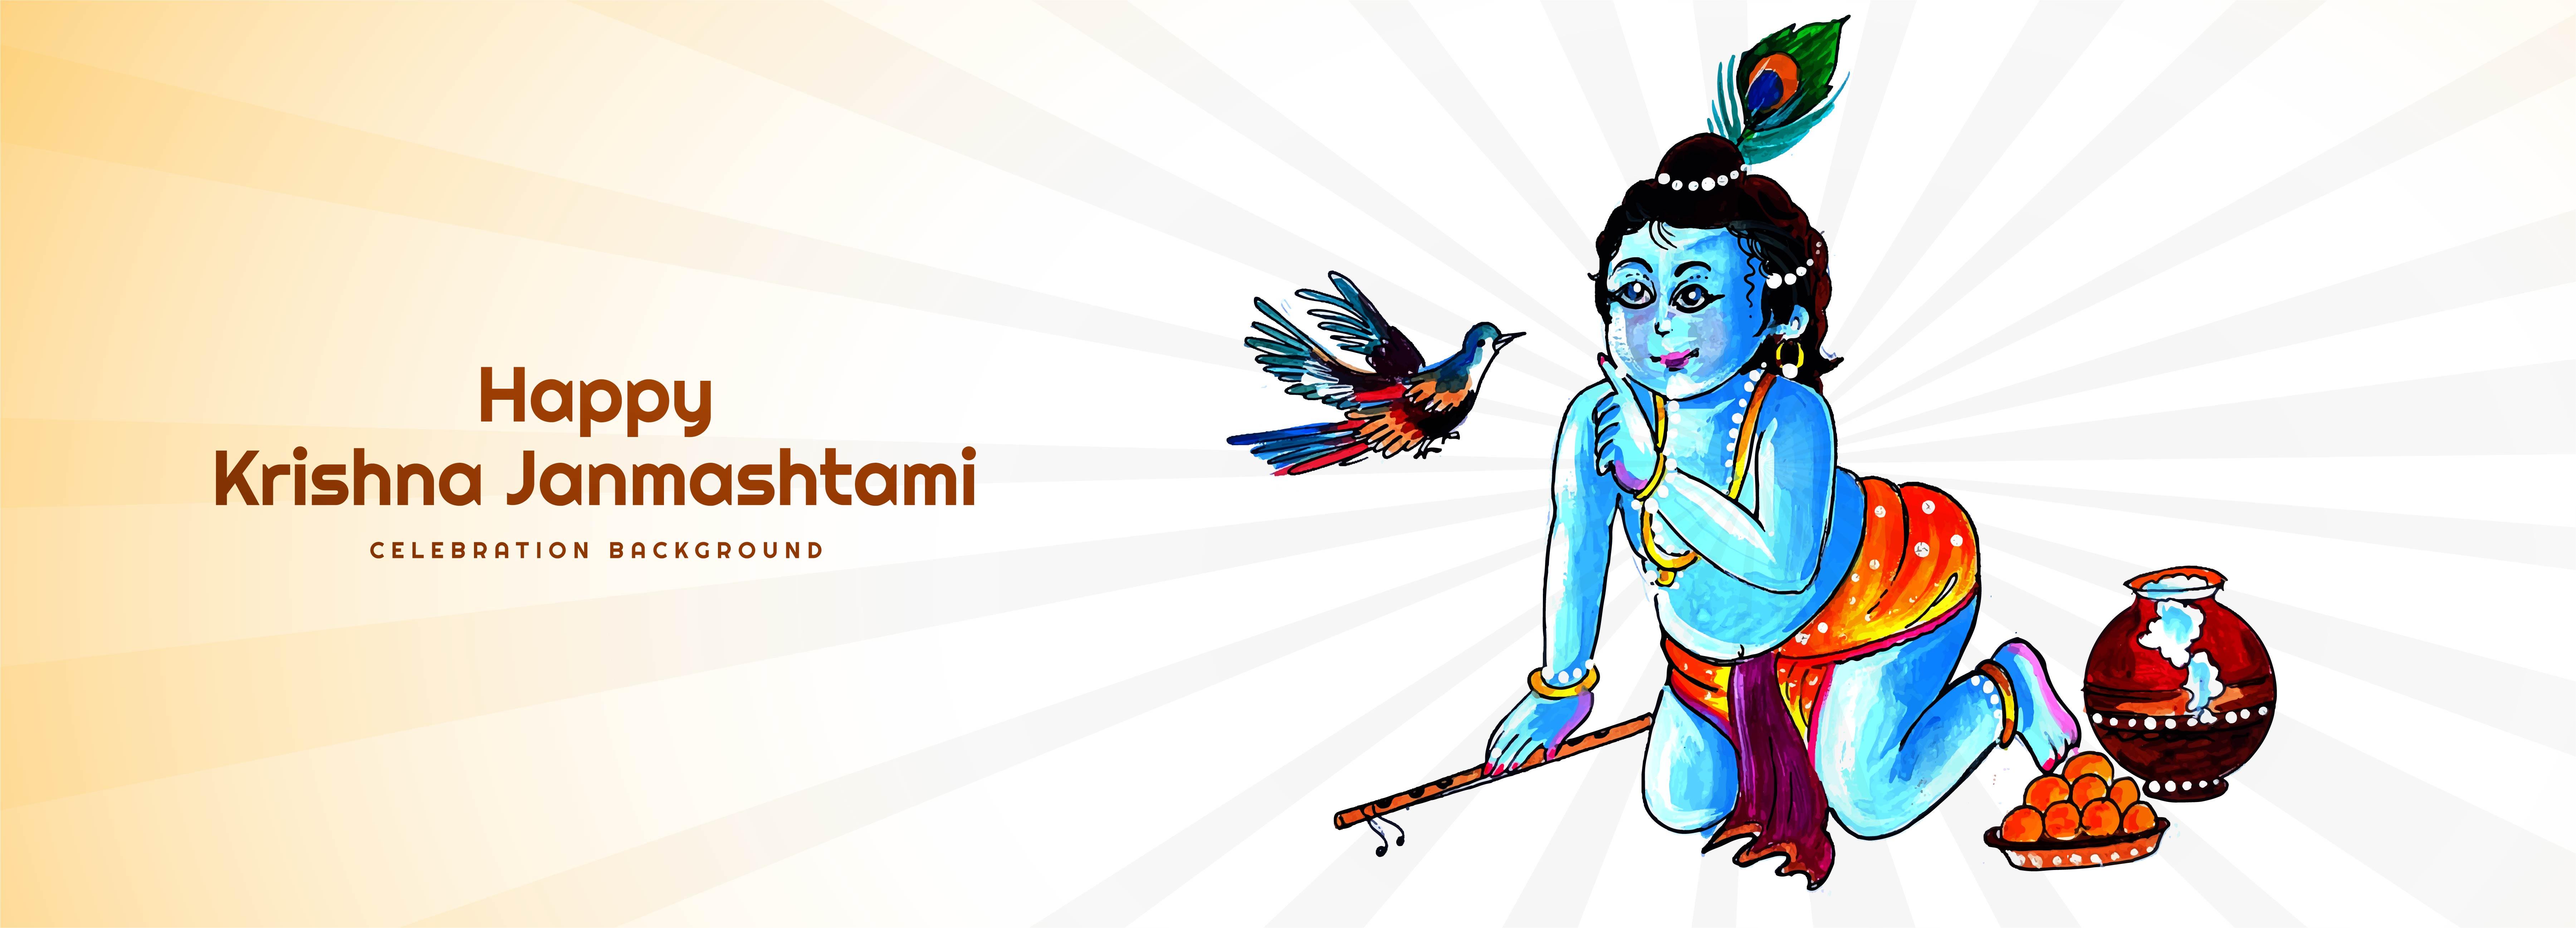 banner de tarjeta de festival de señor krishna y pájaro janmashtami